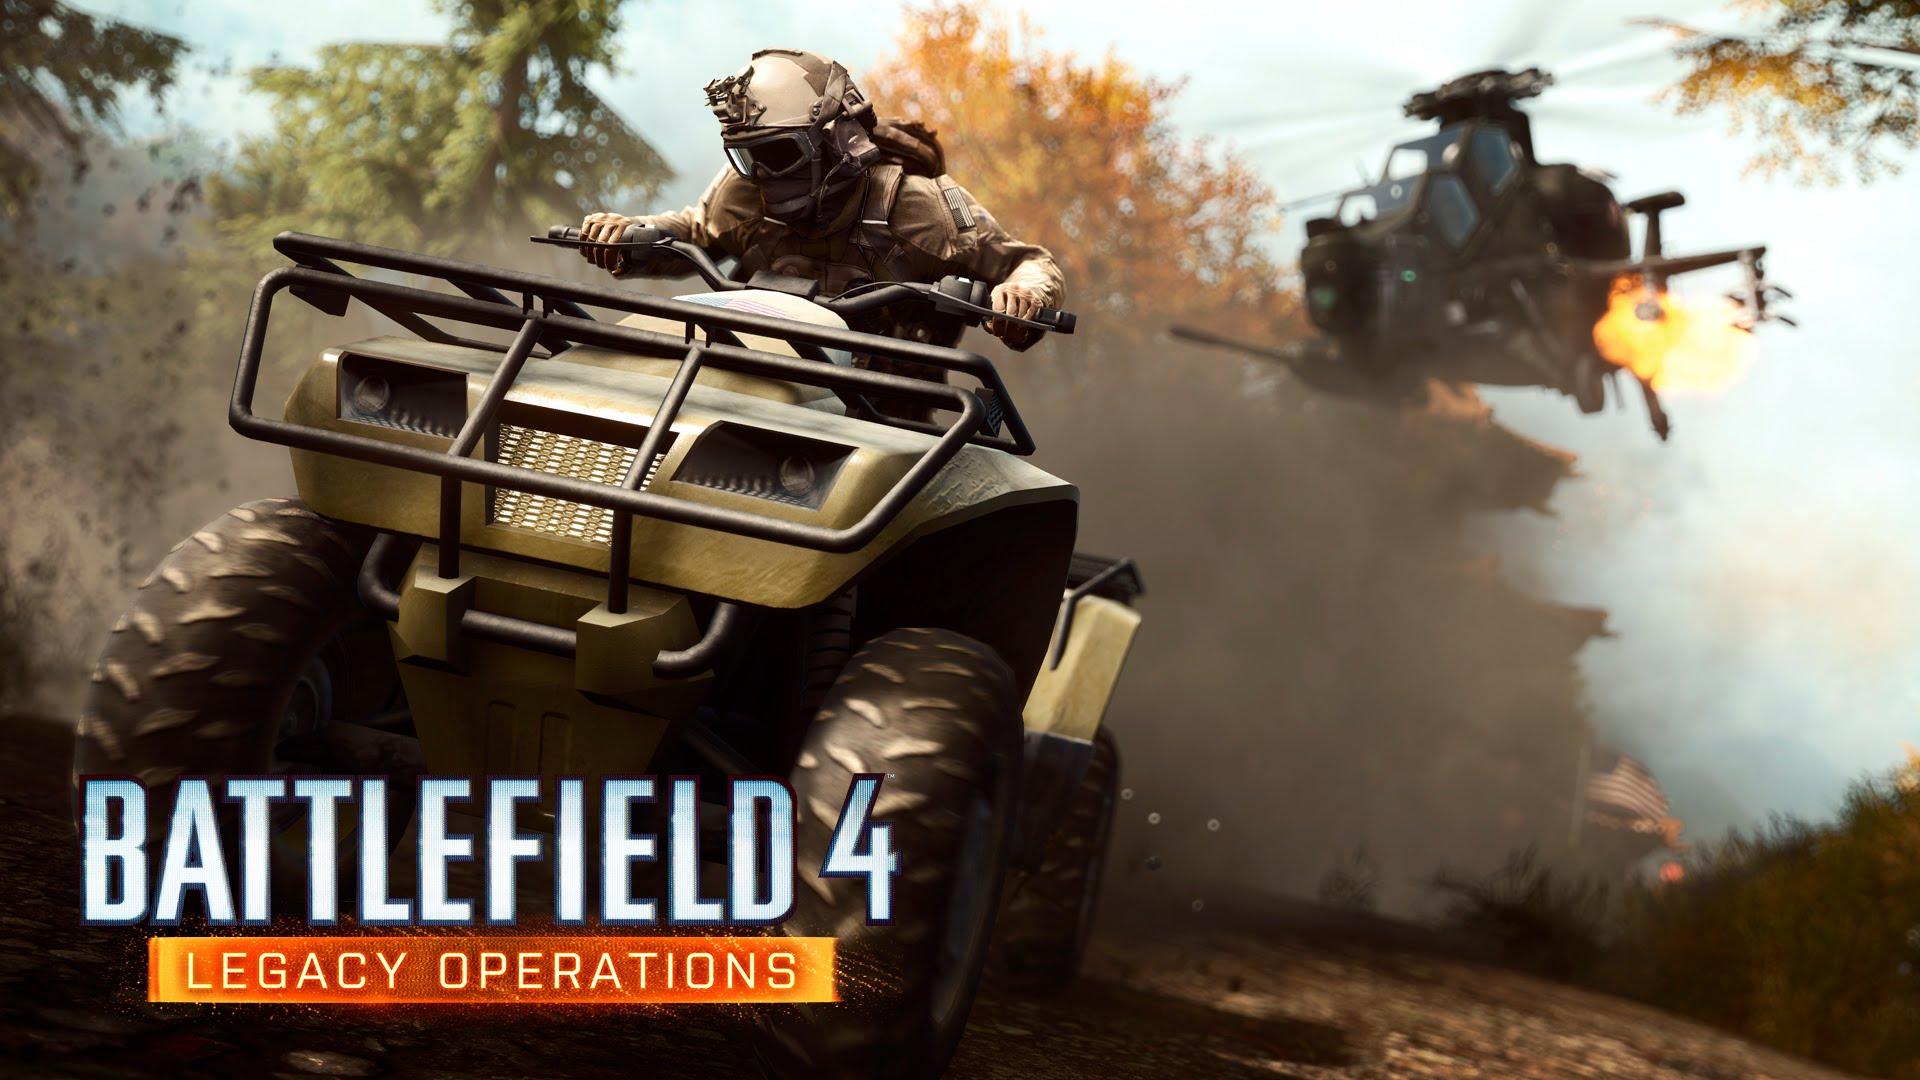 DLC-ul gratuit Battlefield 4 Legacy Operations primește trailer cinematic